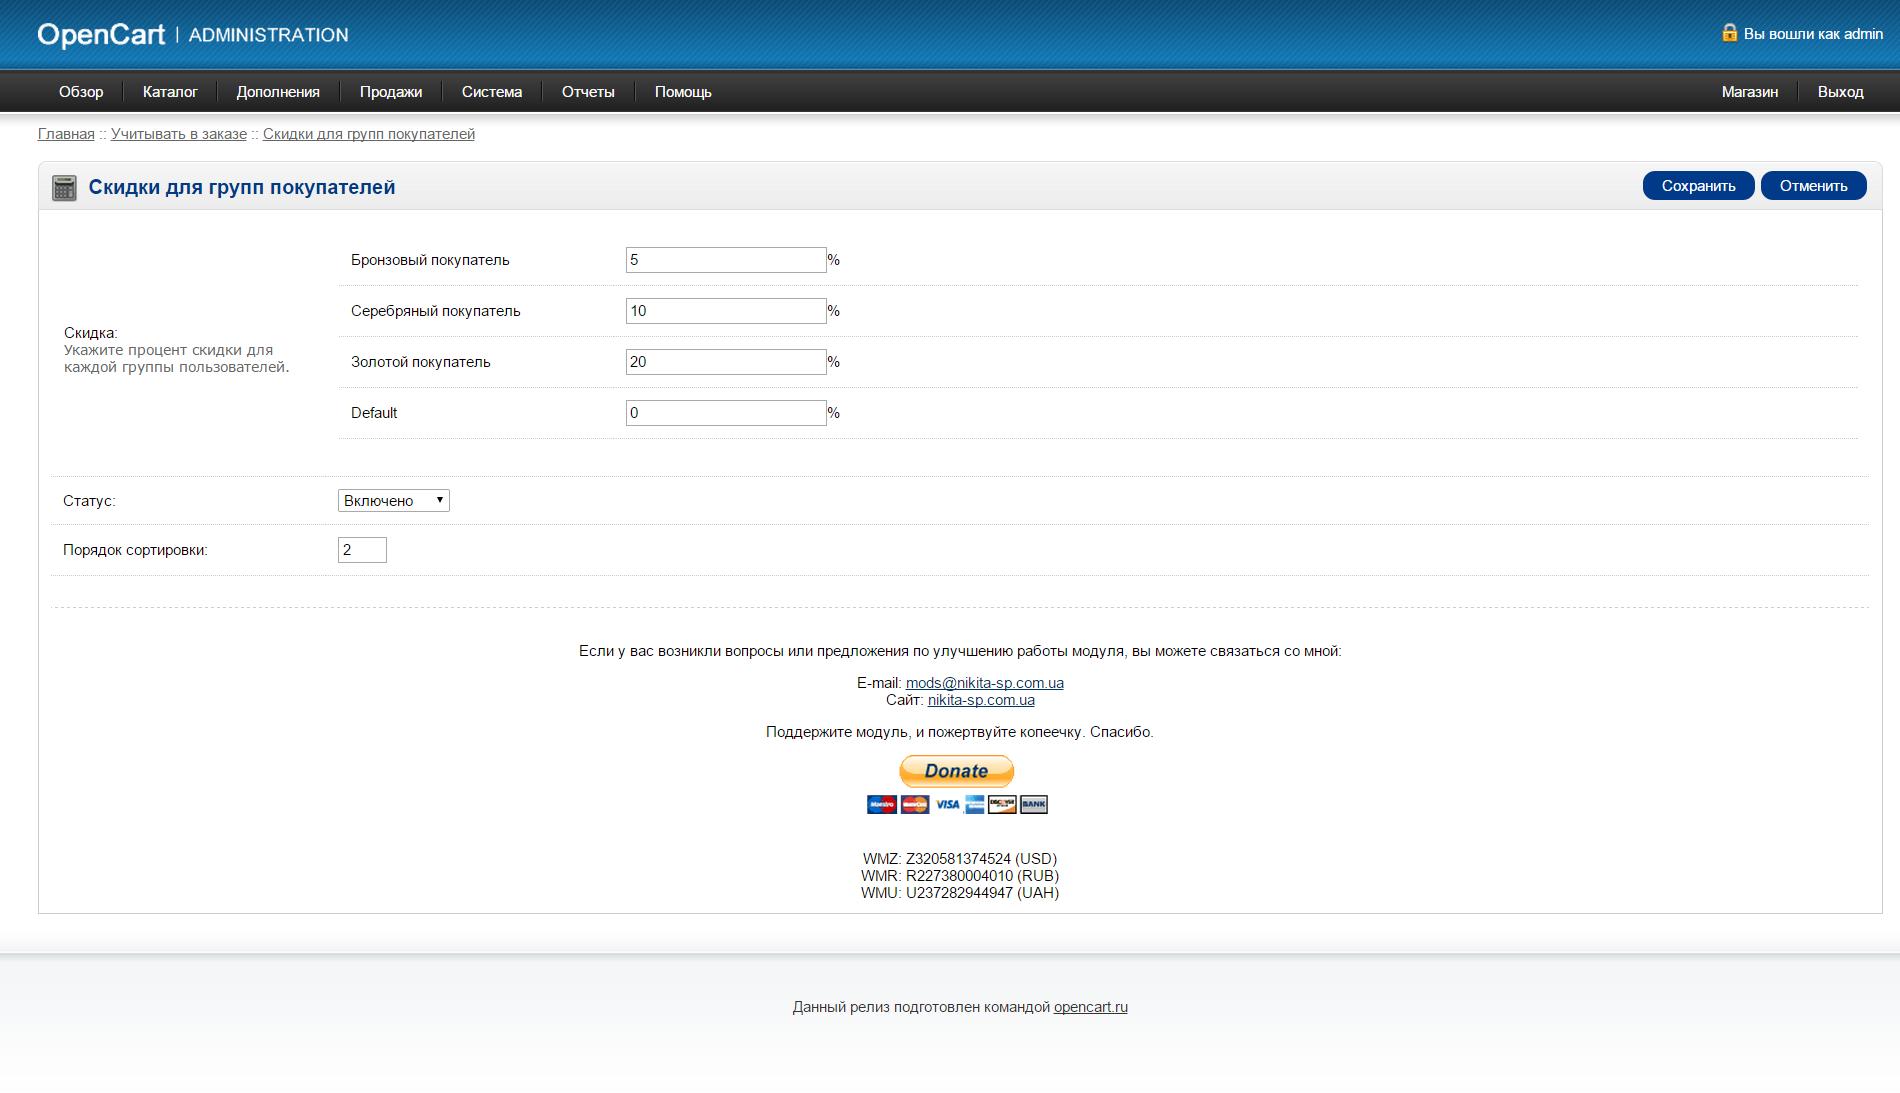 Скидки для групп покупателей Opencart: Настройки